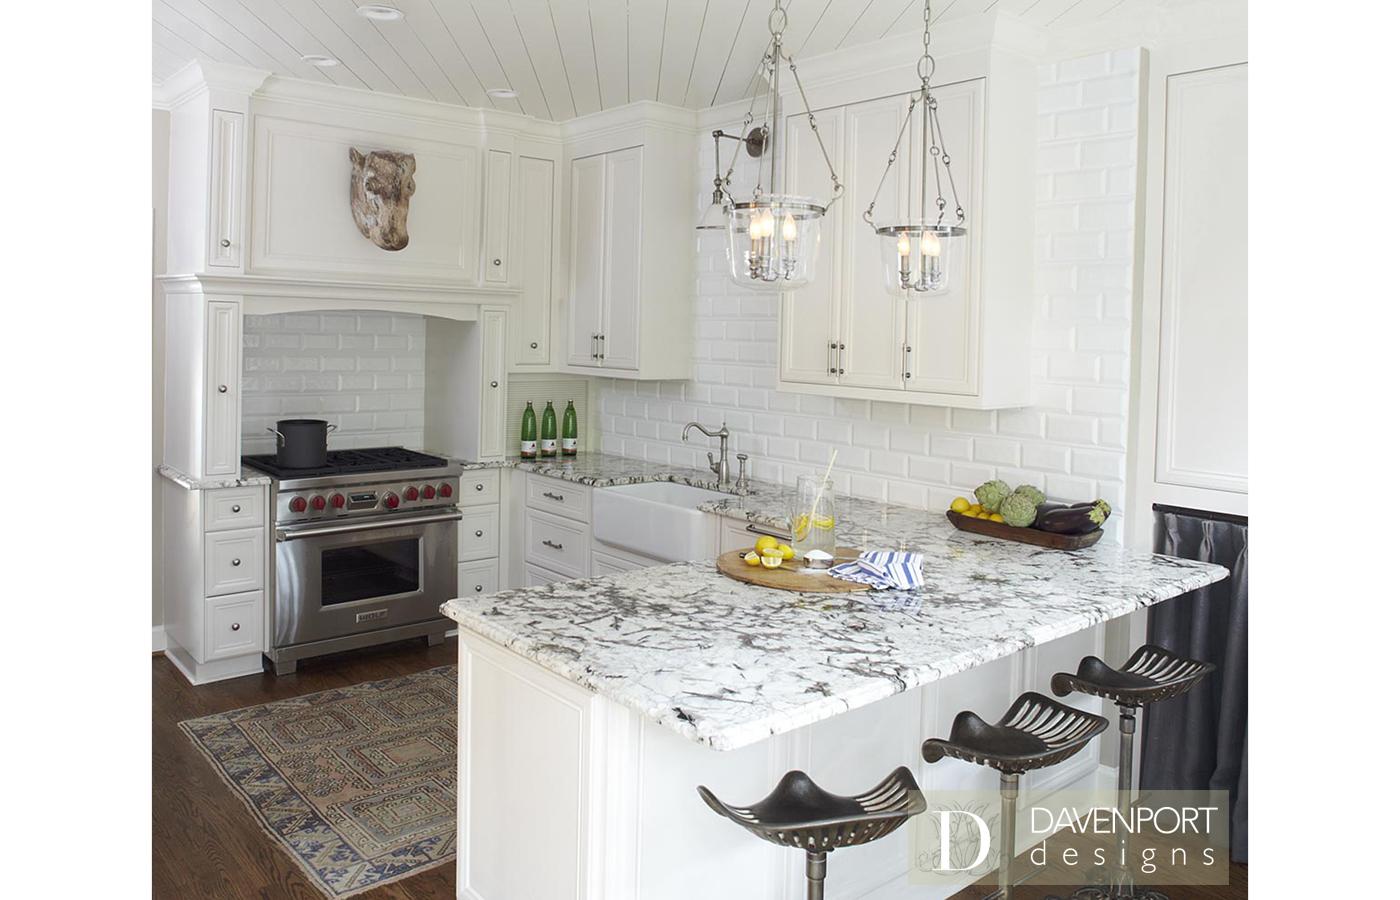 Davenport2012_Kitchen.jpg